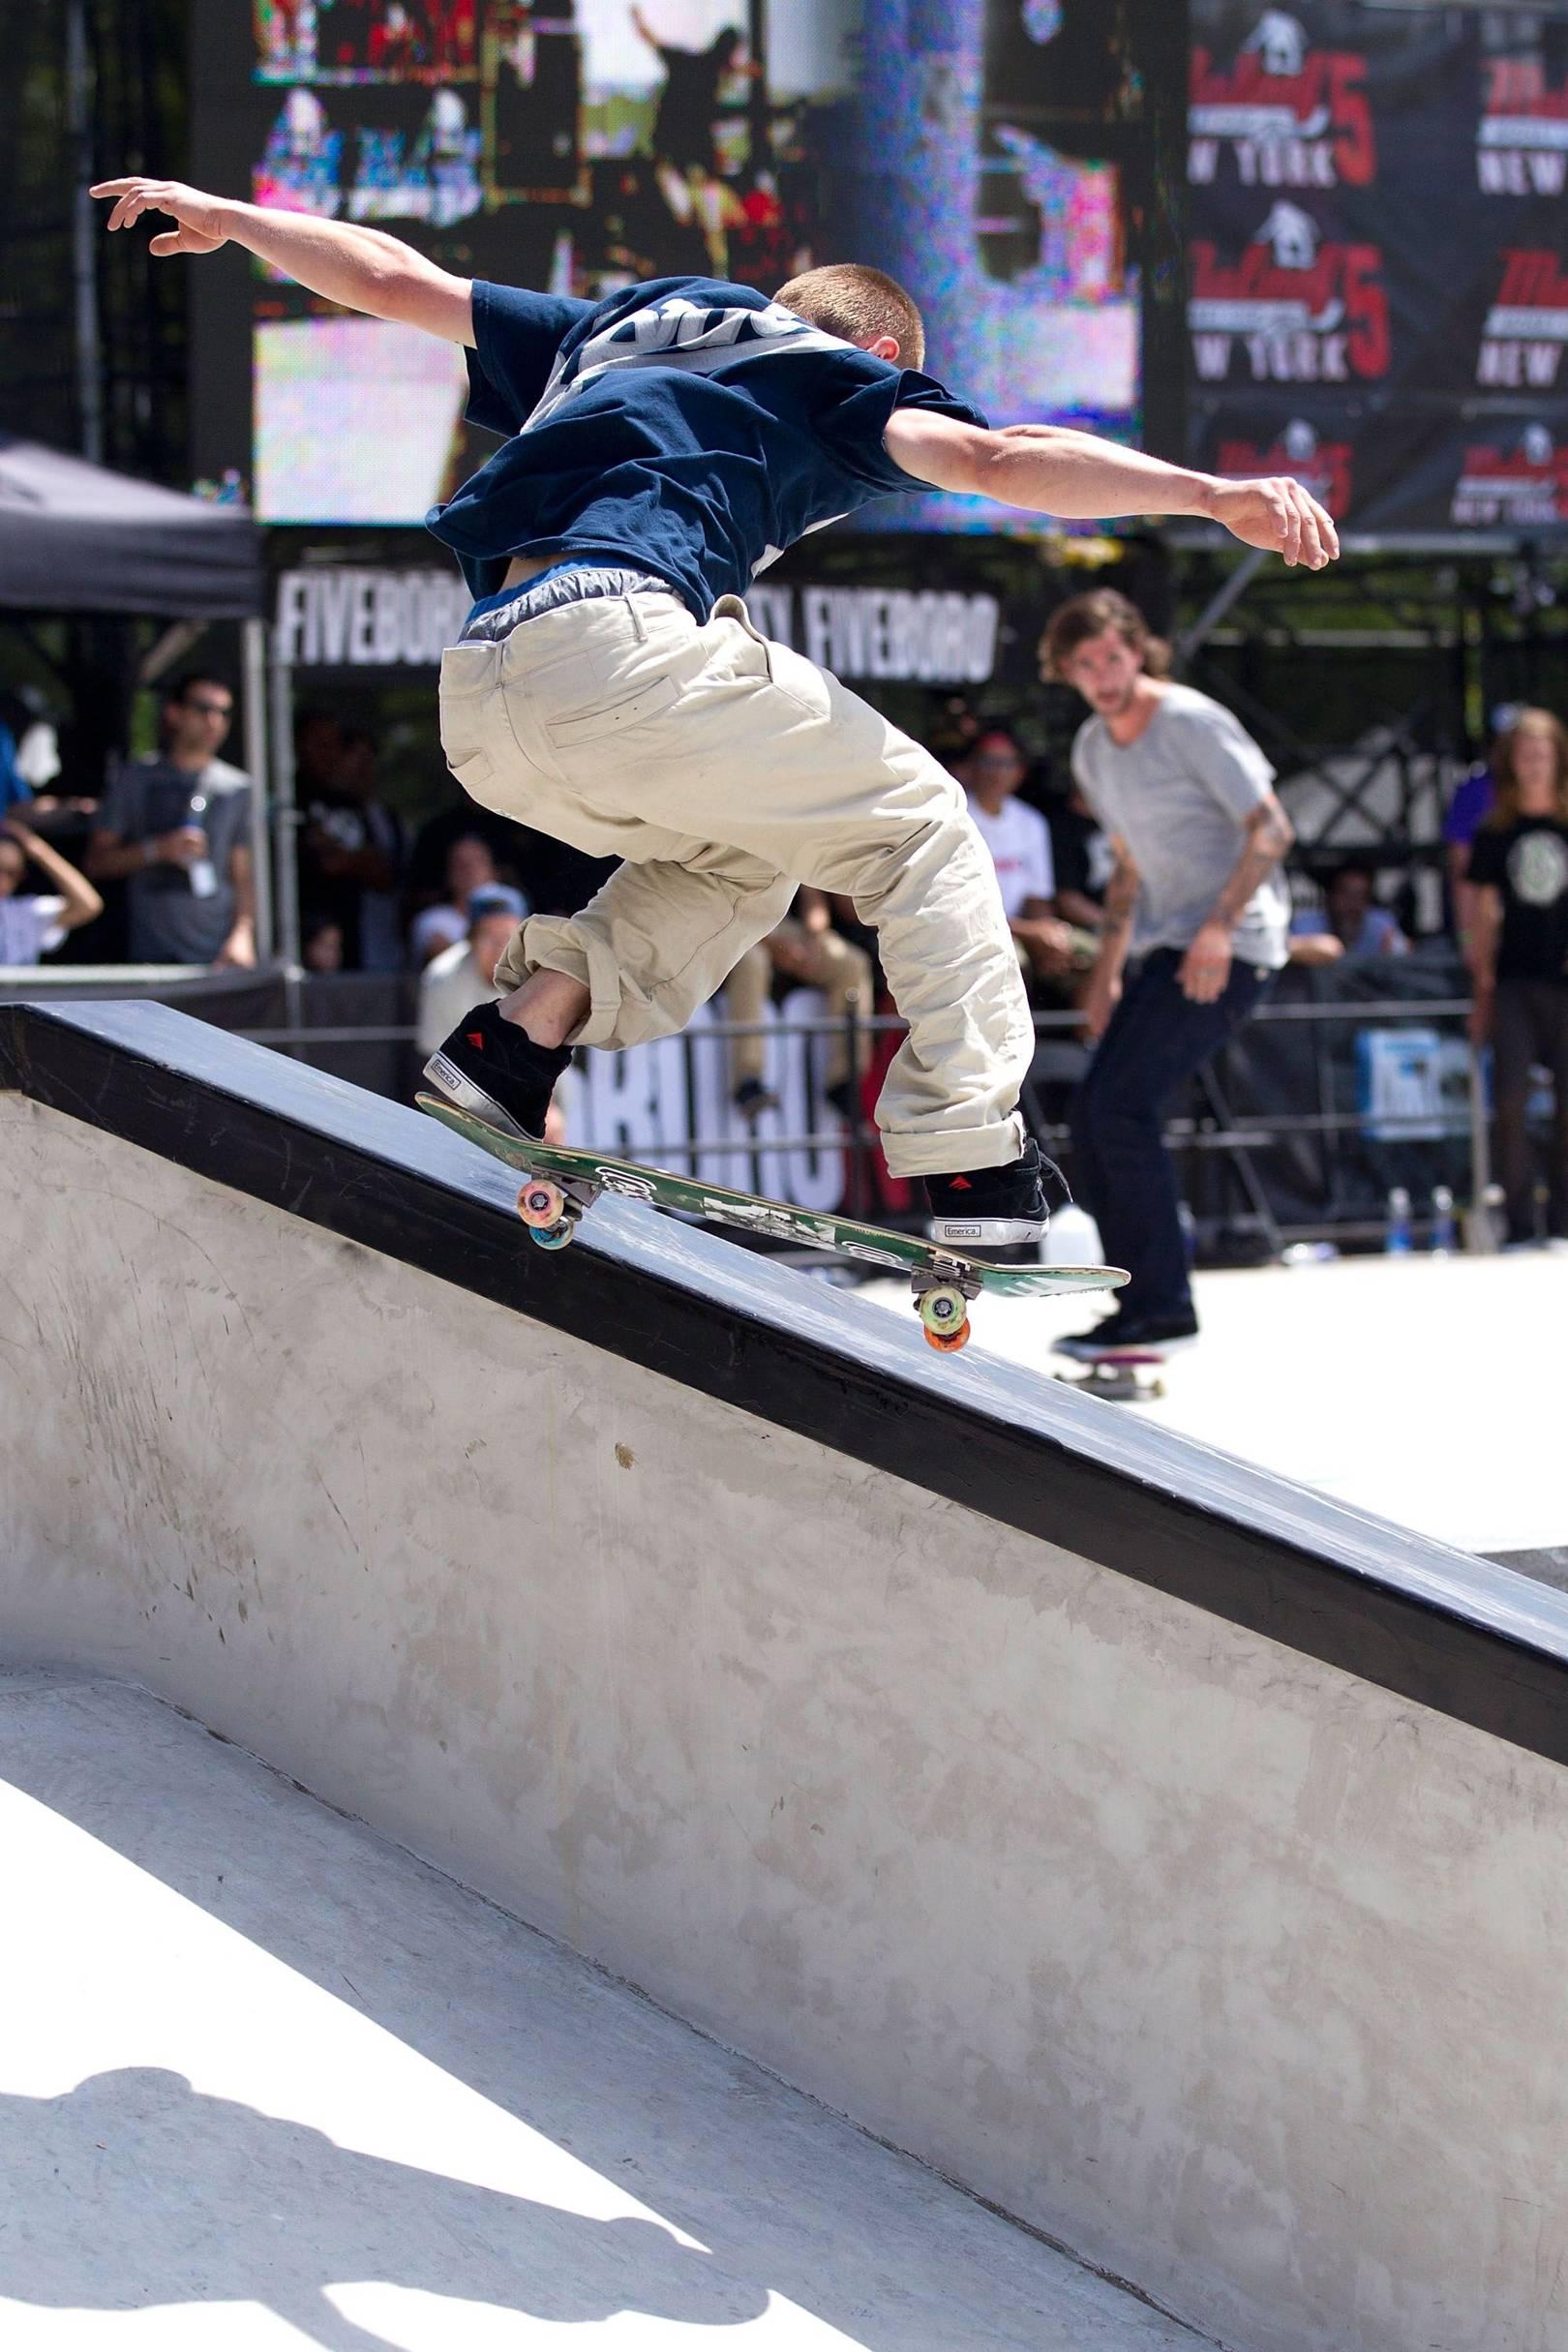 Instant winner skateboards for kids